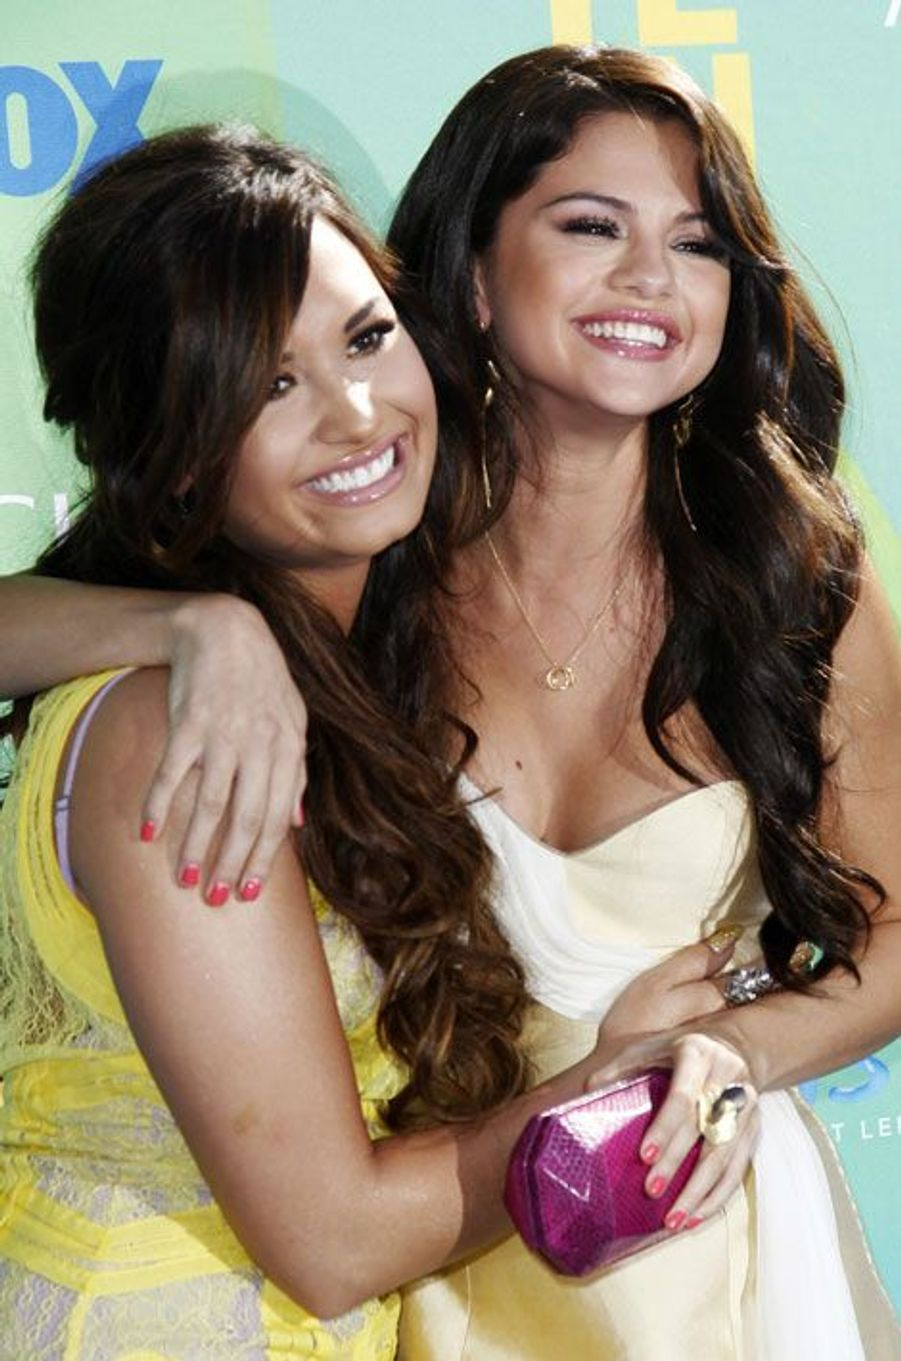 Les deux stars Disney se connaissent depuis leur enfance. Si leurs chemins se sont un temps séparés, elles n'ont jamais cessé de se soutenir, notamment lorsque Demi Lovato a dû être admise en désintoxication à cause de ses addictions à la drogue et à l'alcool.